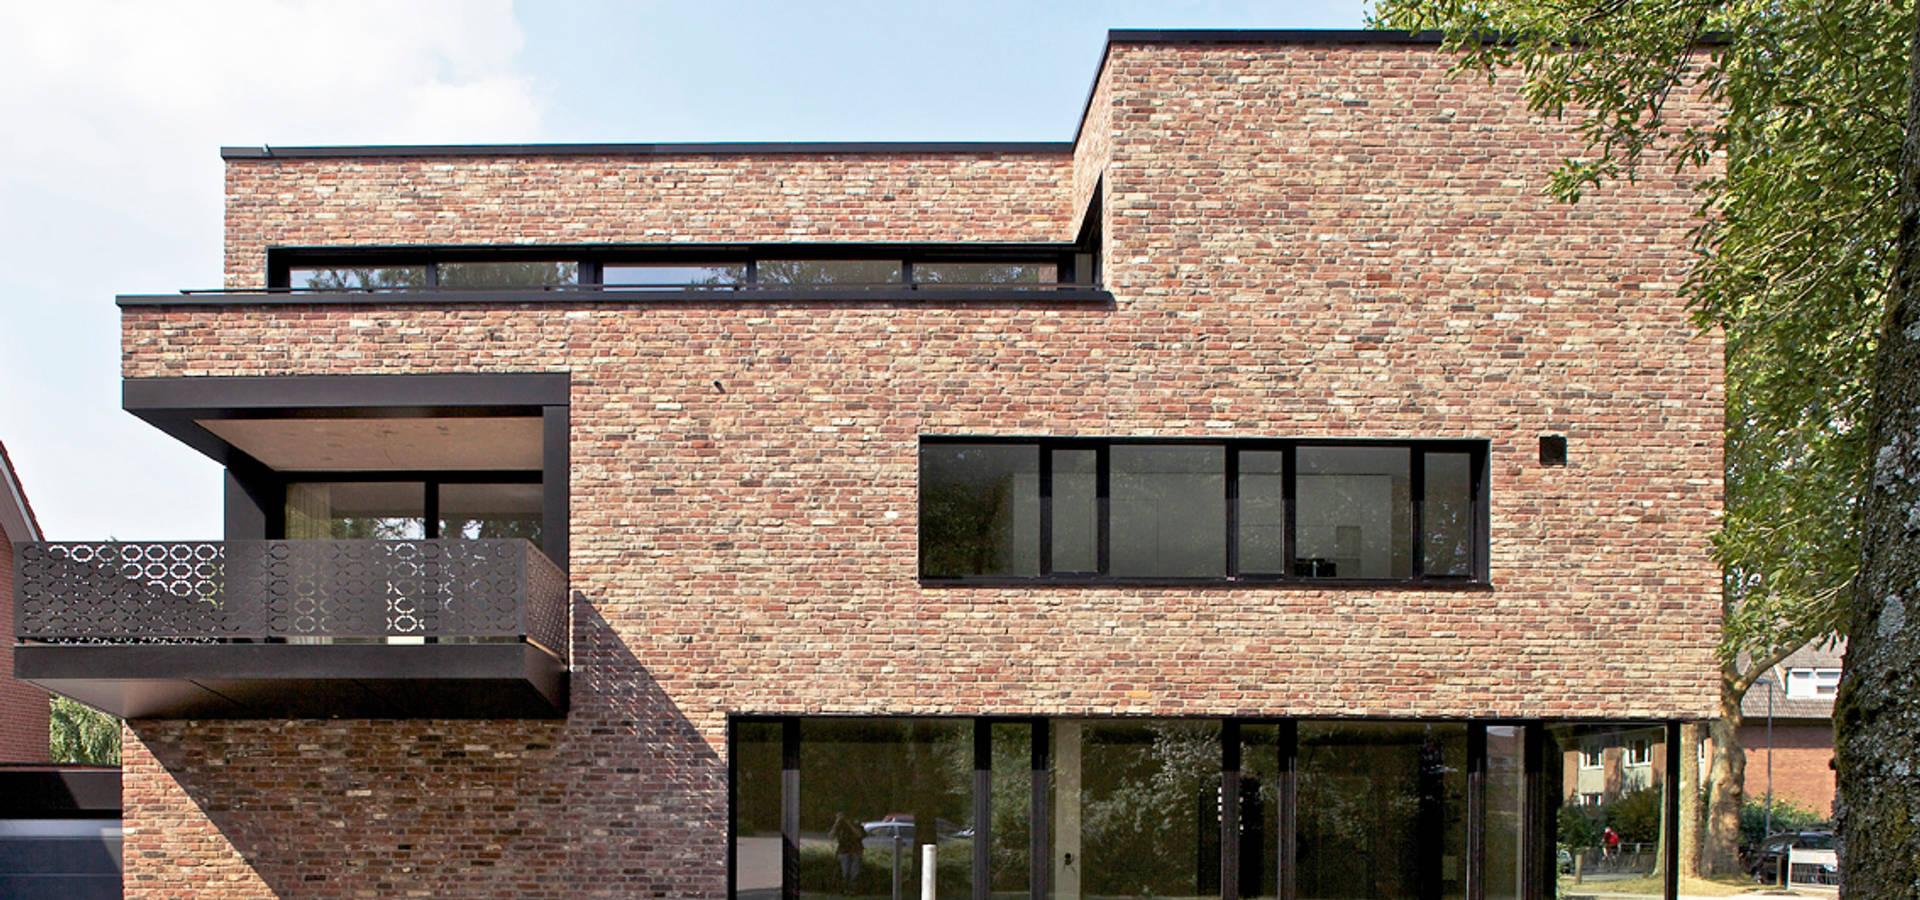 Andreas heupel architekten bda architecten in m nster homify - Heupel architekten ...